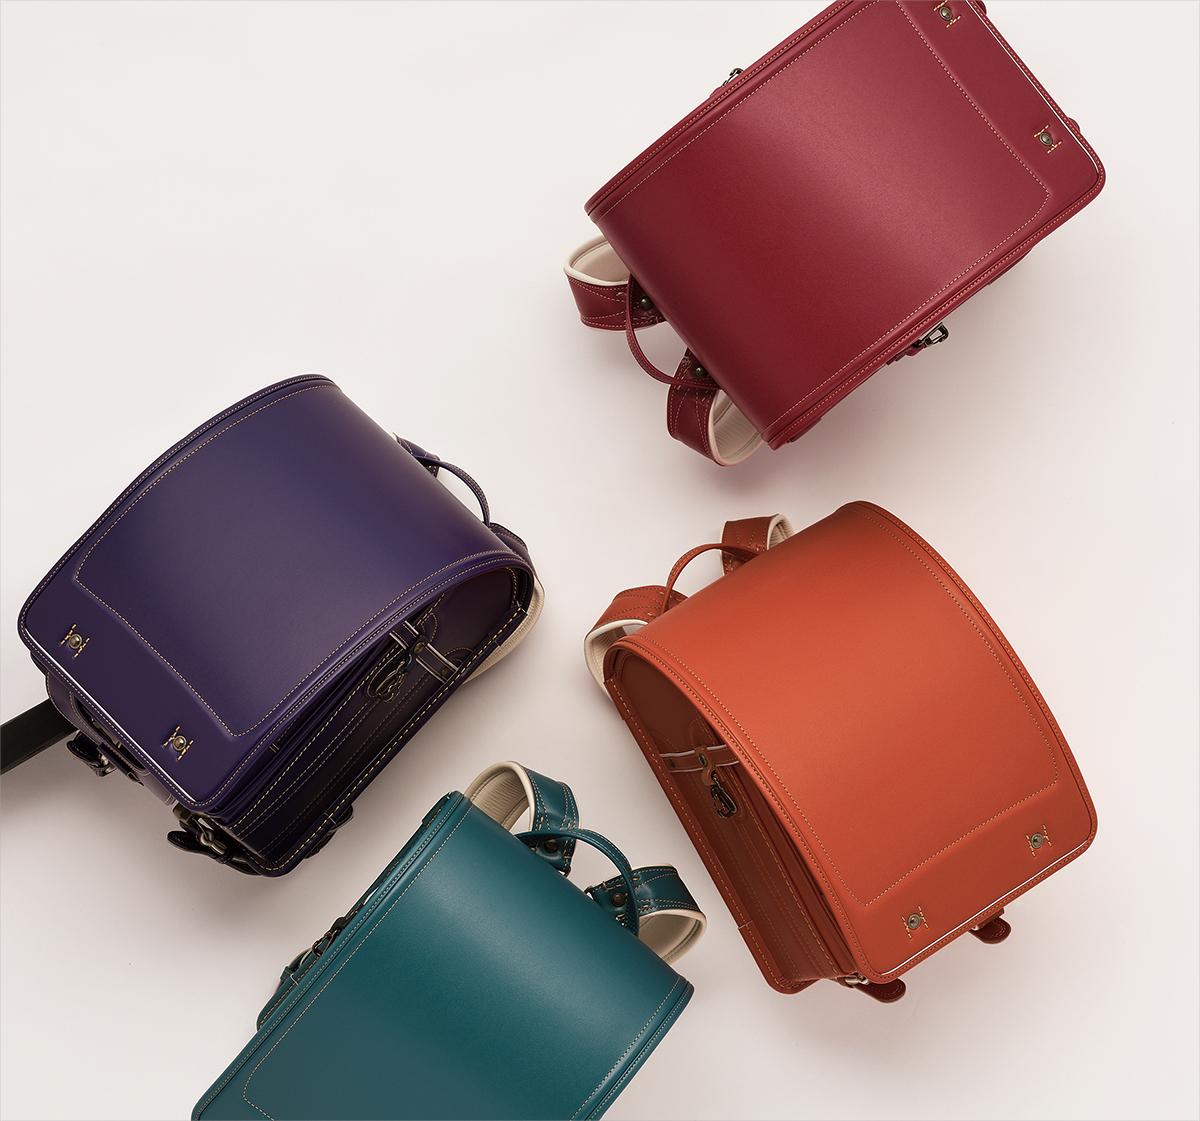 工房系ブランドの人気ランドセル8選。多彩な色提案と高級感が魅力!